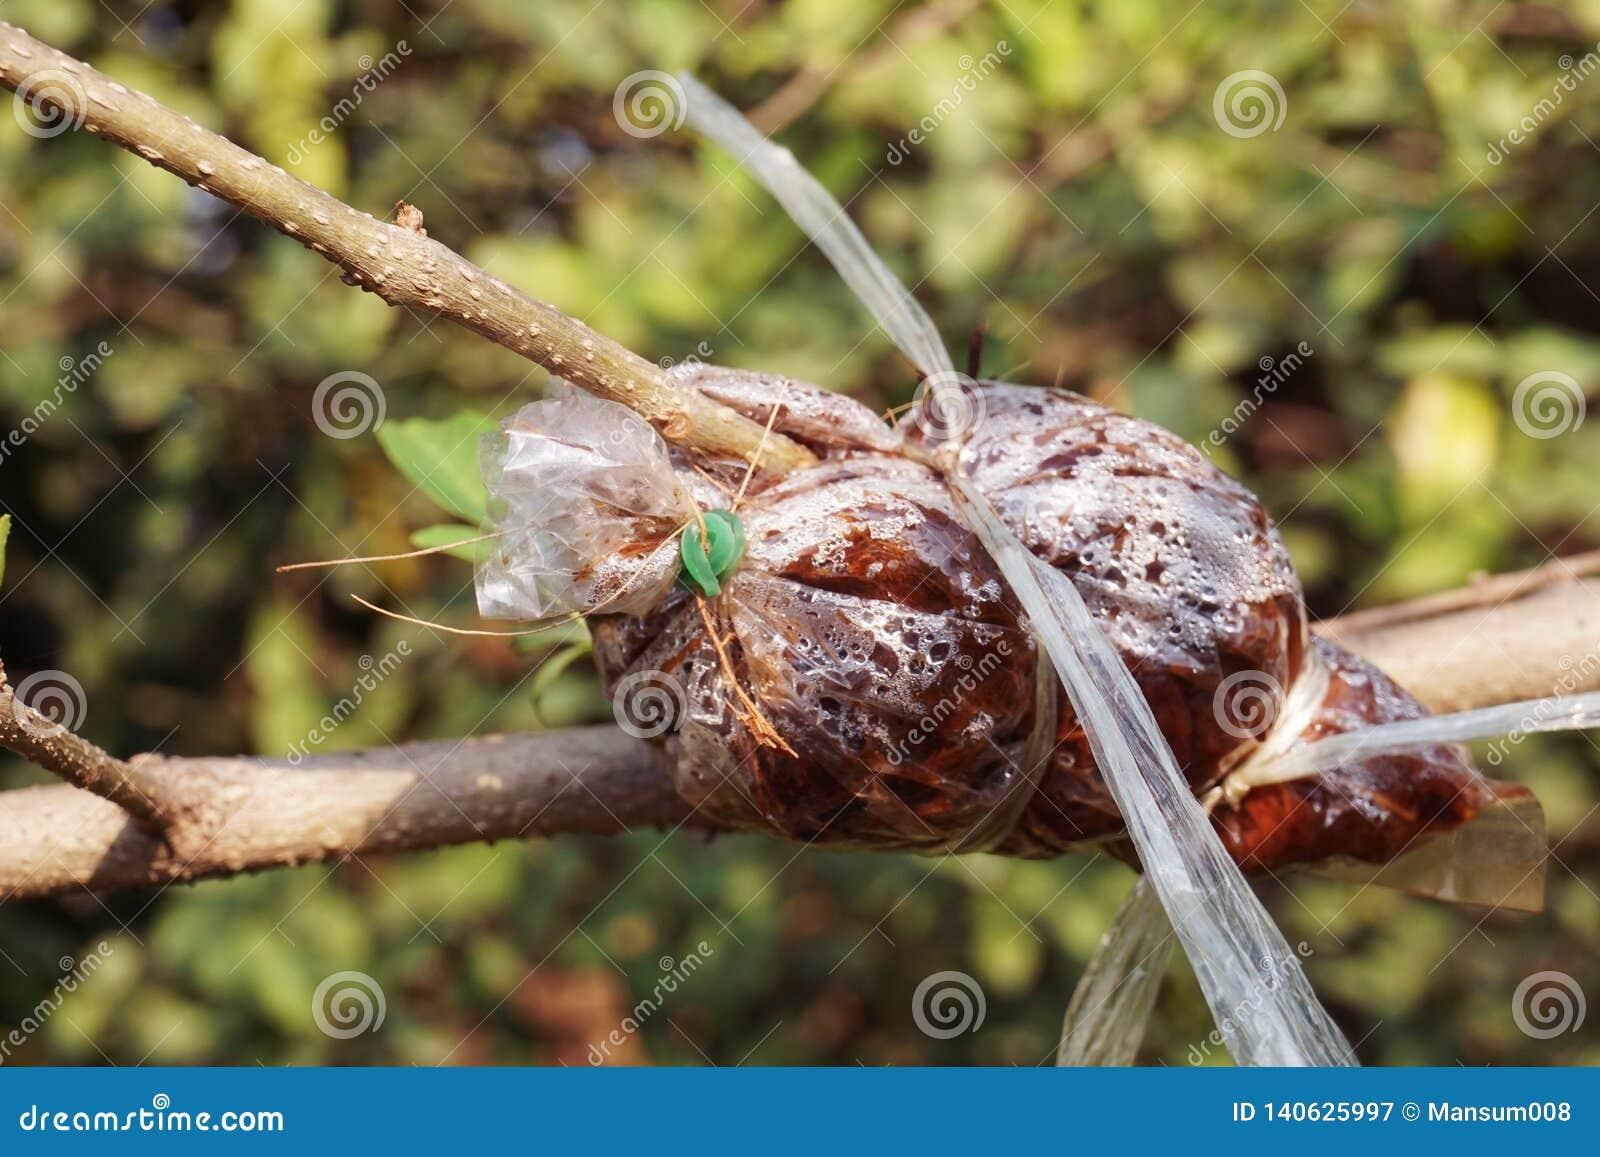 Injerto en rama de árbol en jardín